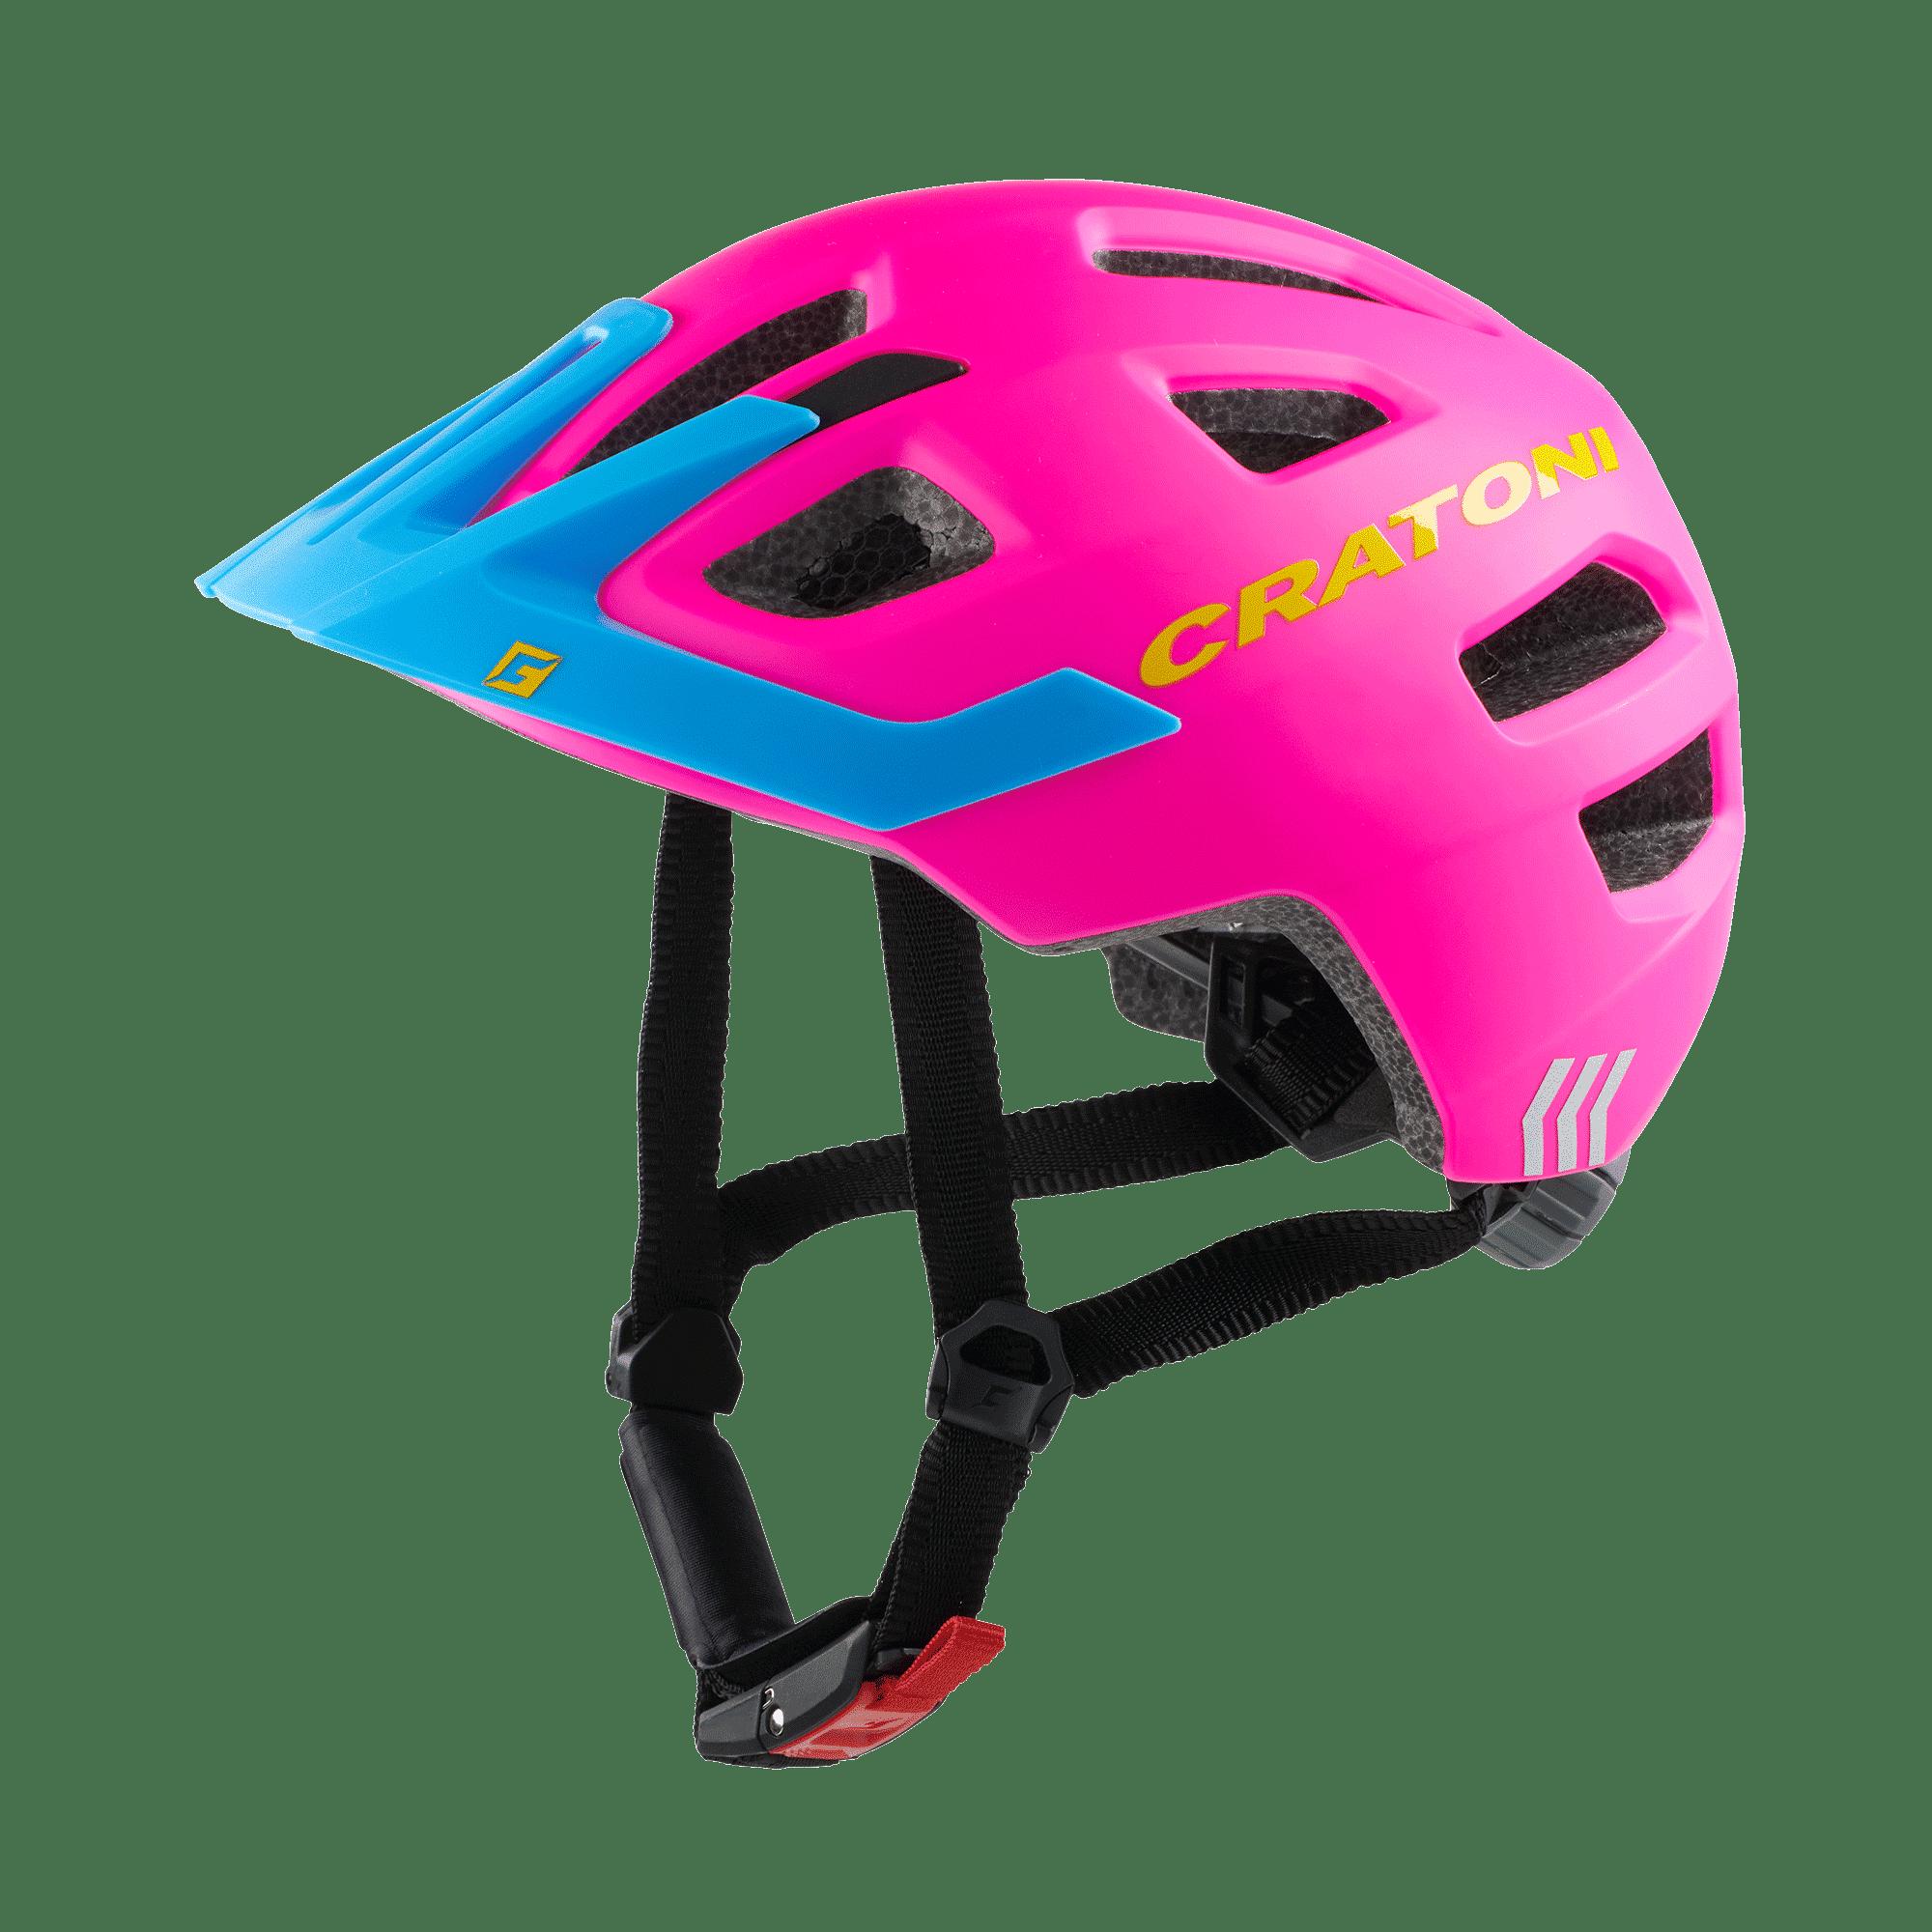 Maxster-Pro pink blue matt